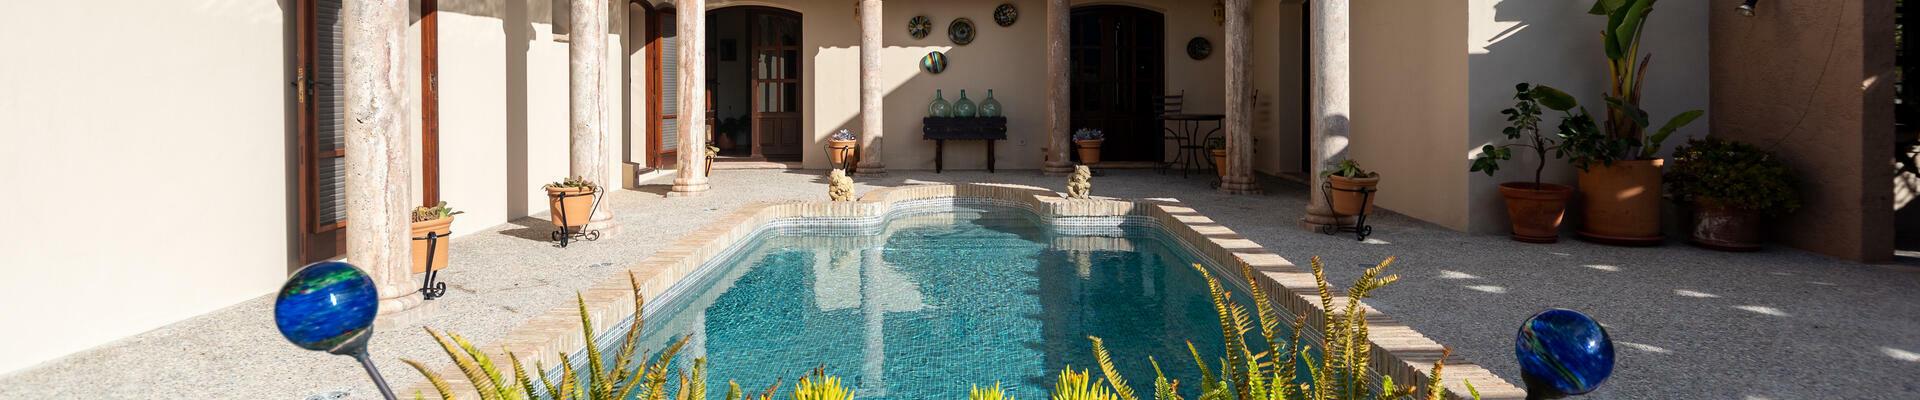 DV1510: 4 Bedroom Villa for Sale